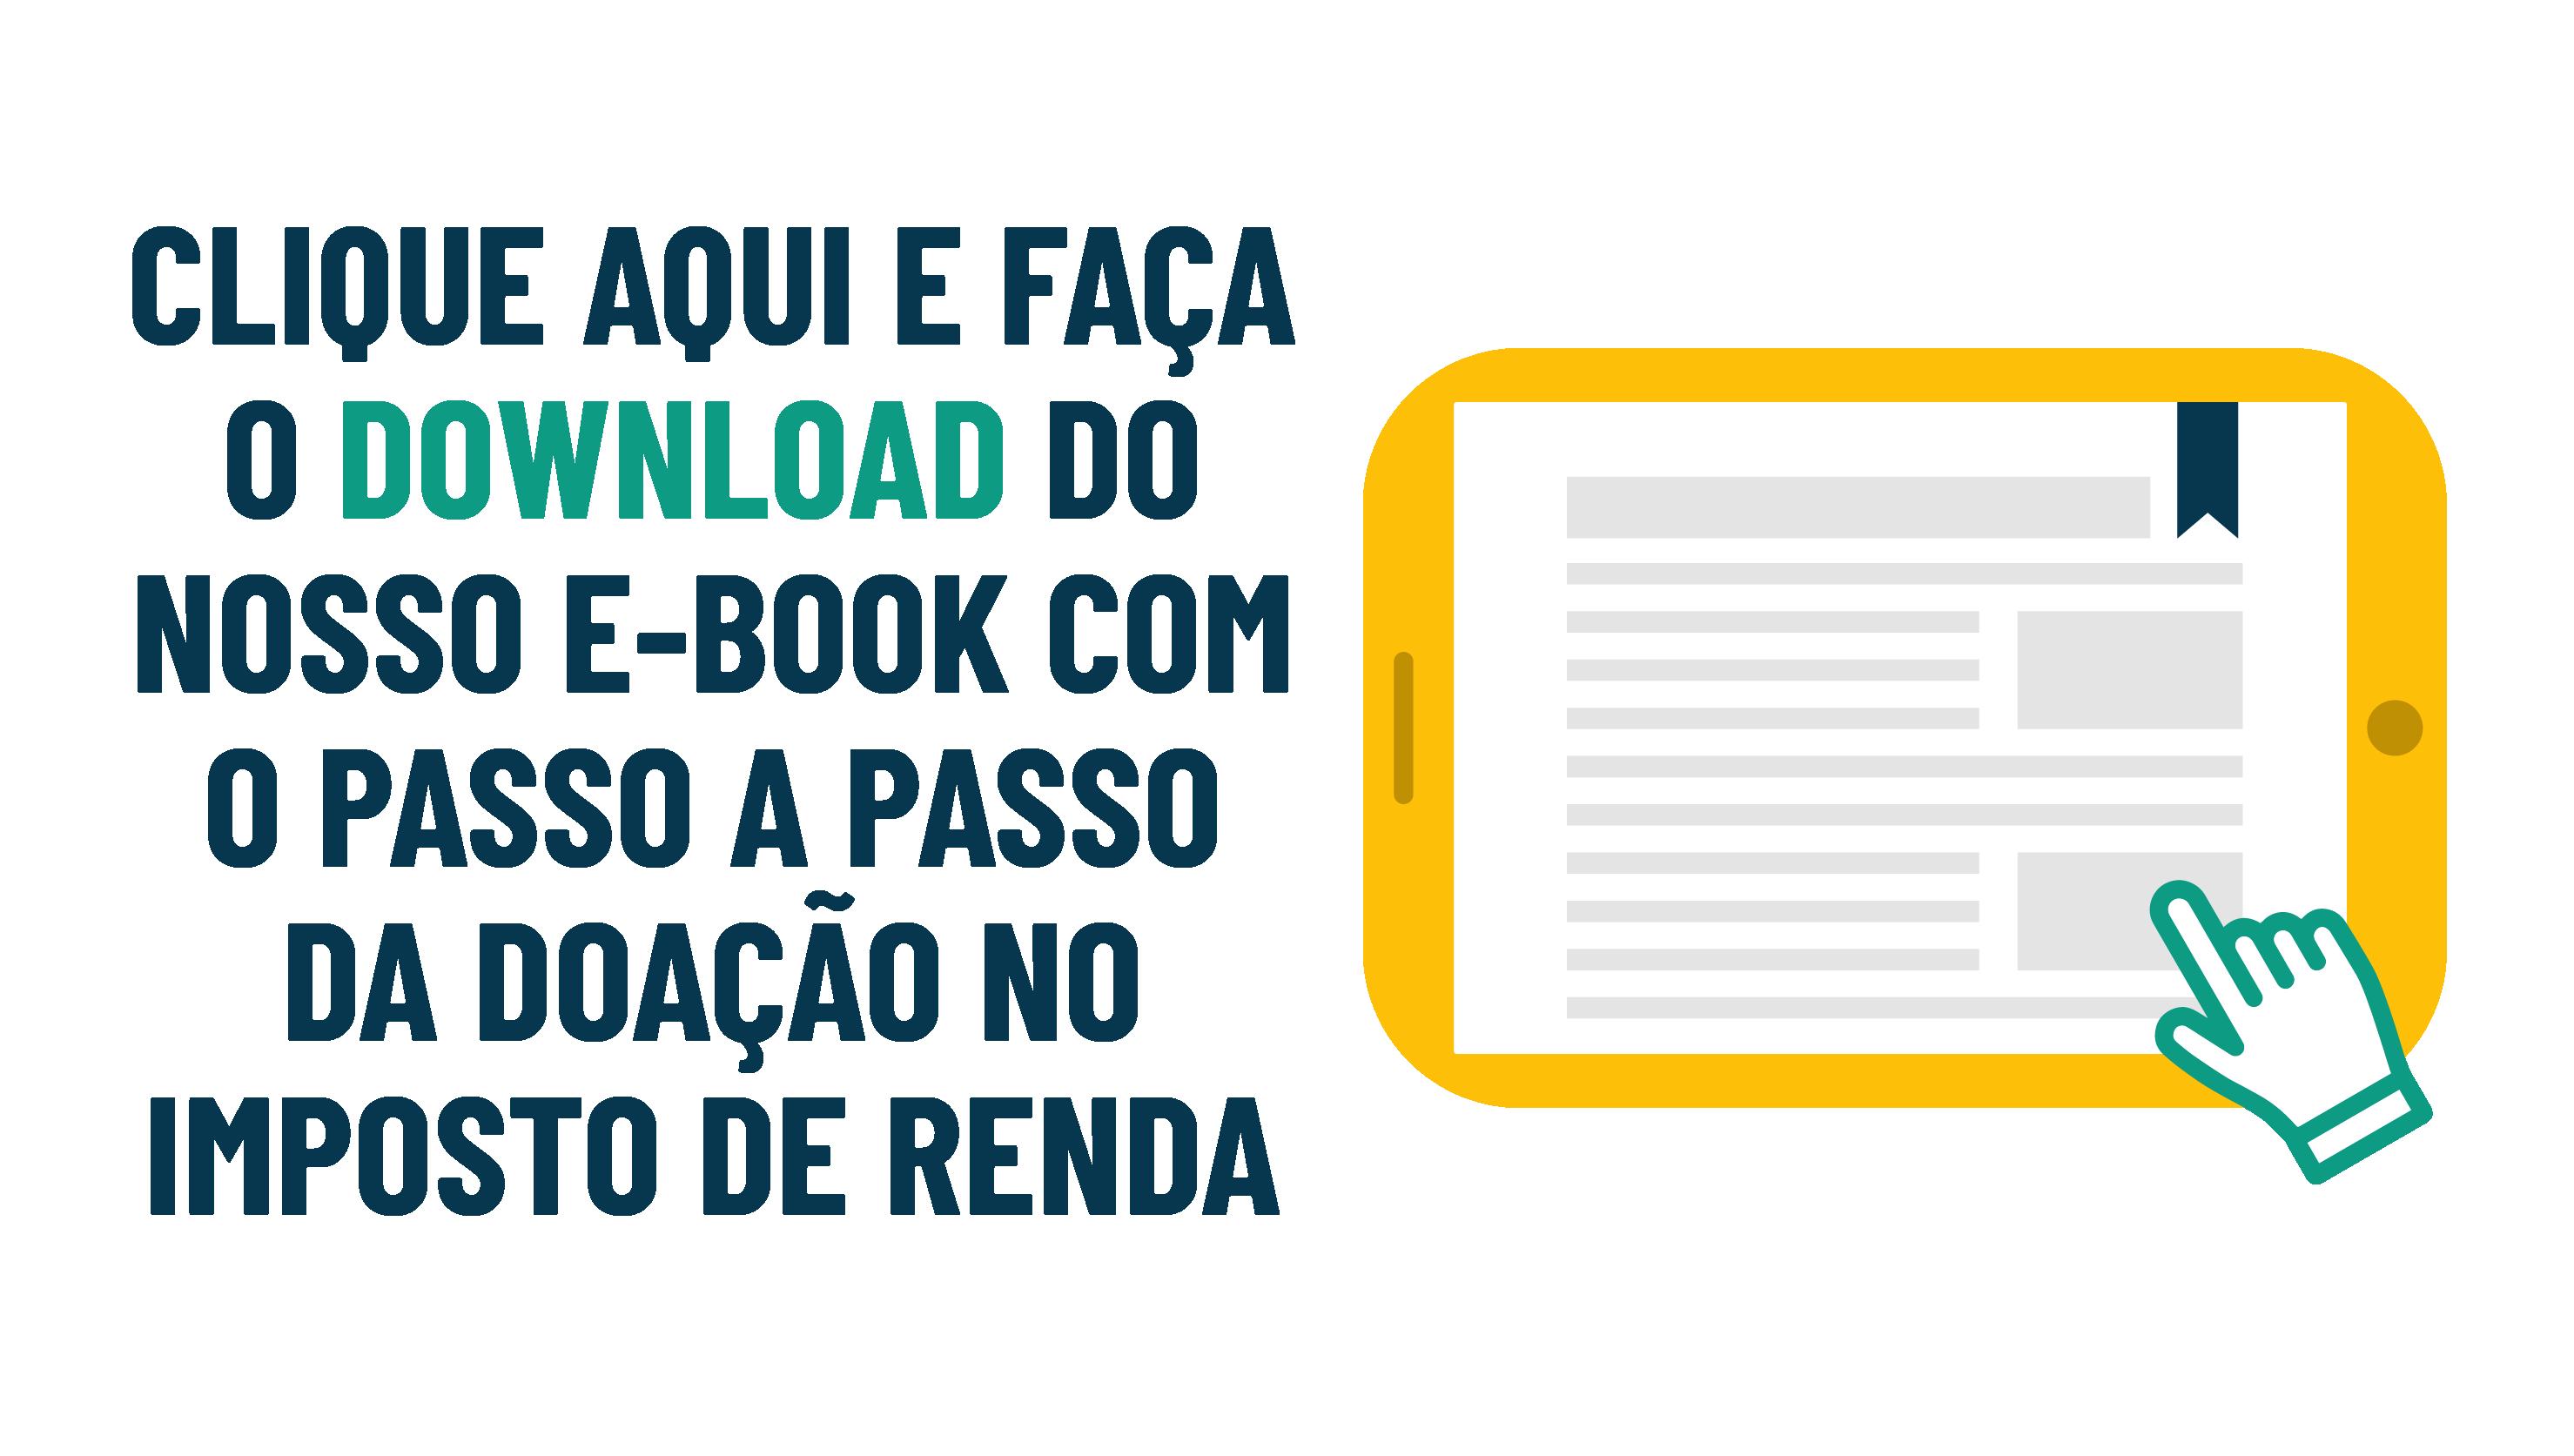 Faça o download do E-book